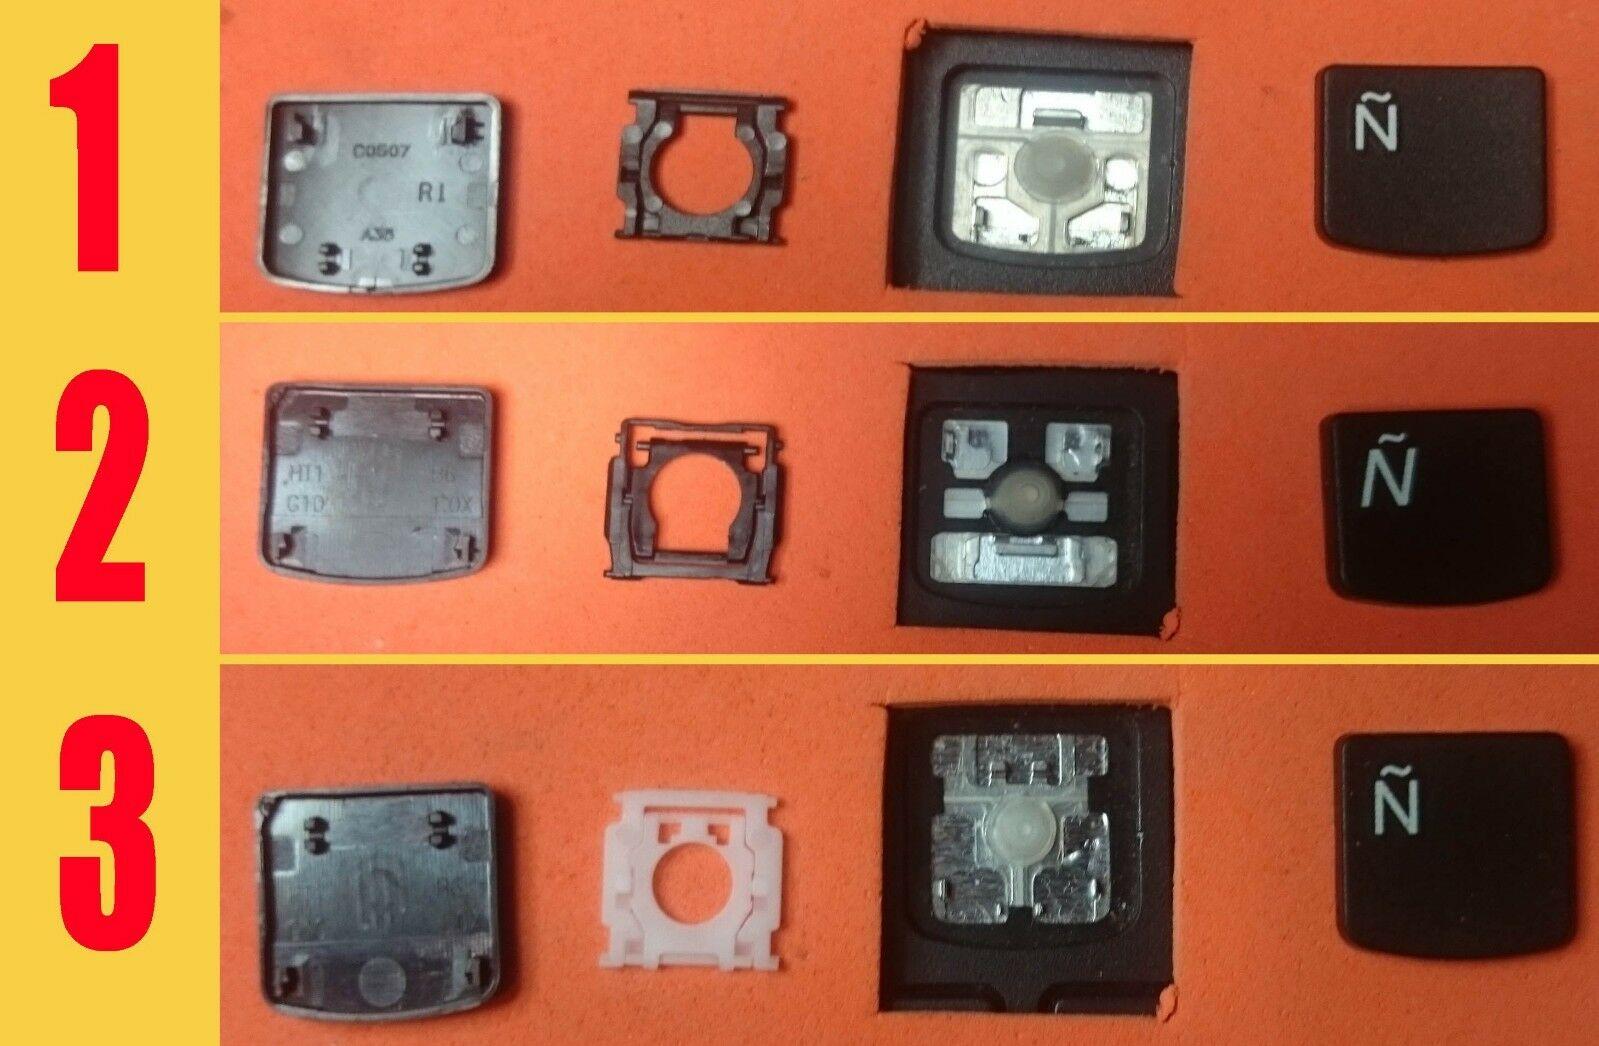 TECLA TECLAS DE TECLADO LENOVO IDEAPAD Z560 Z560A Z565 Z565A